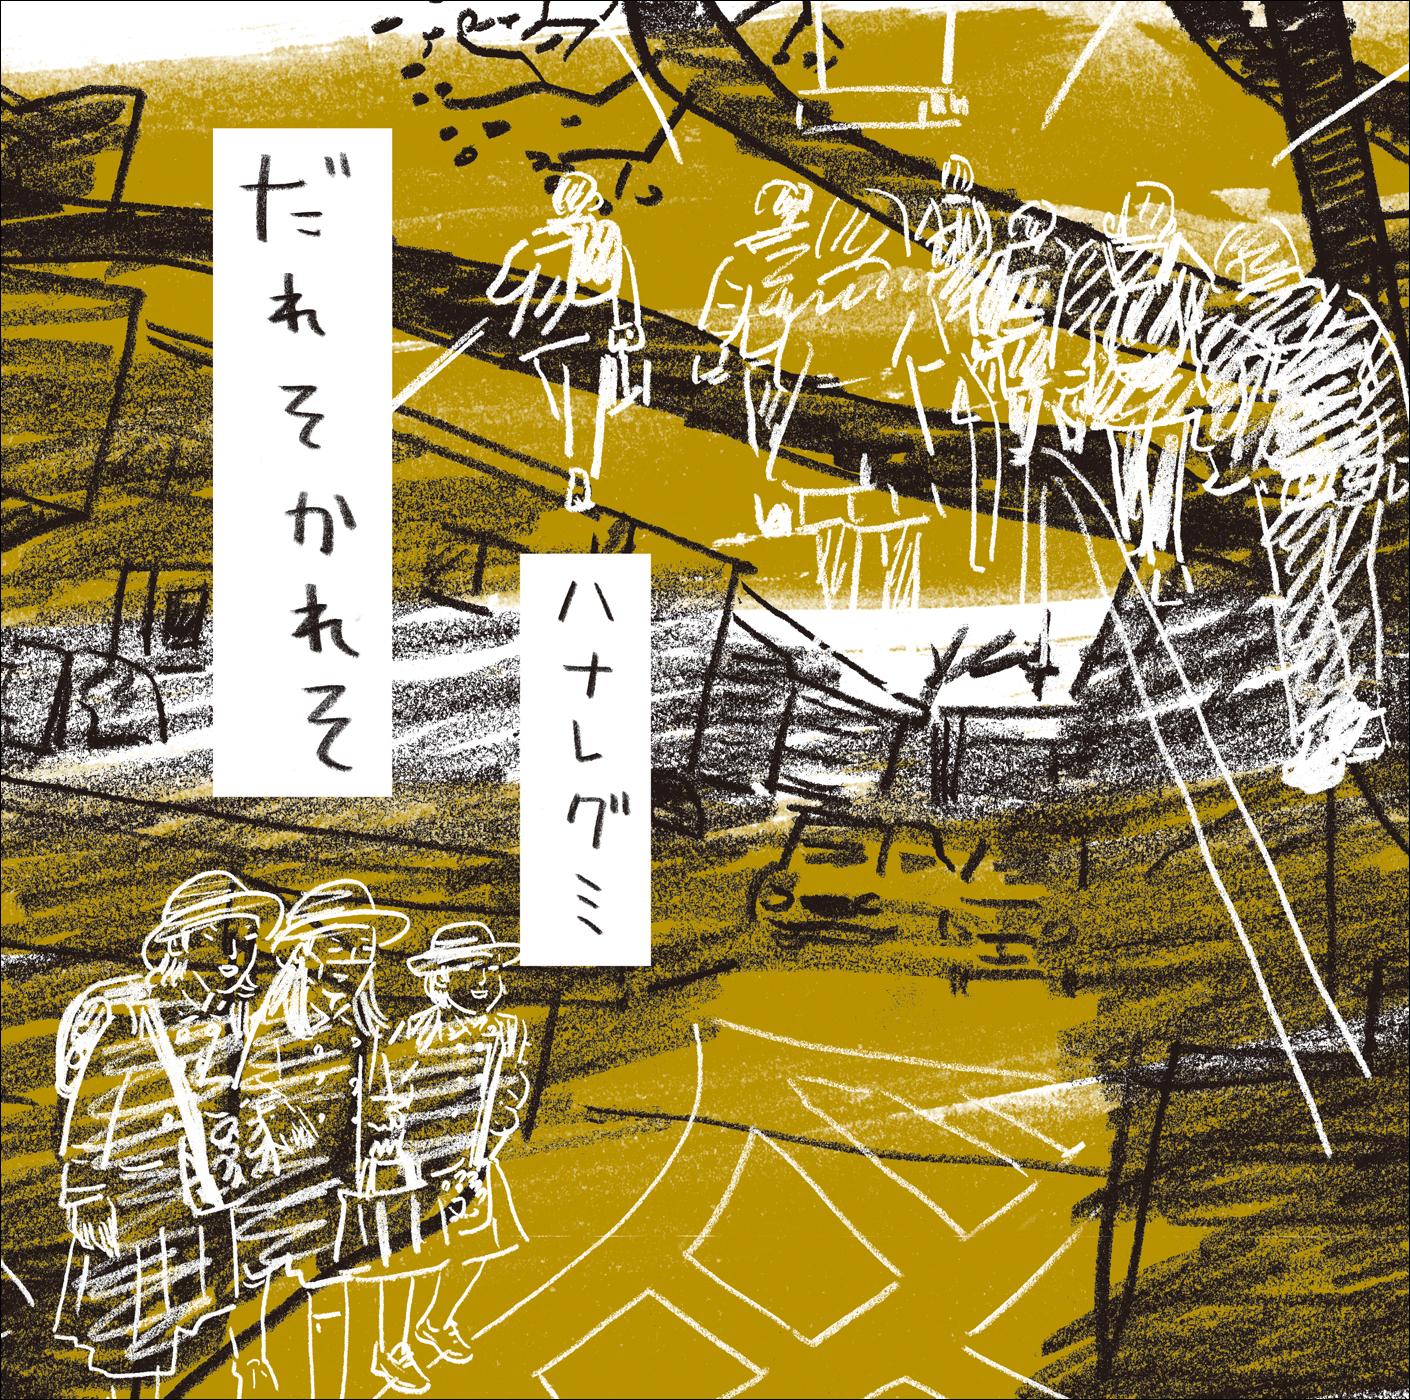 ハナレグミ カバーアルバム『だれそかれそ』(2013年5月22日発売) 高画質ジャケ写 ジャケット画像